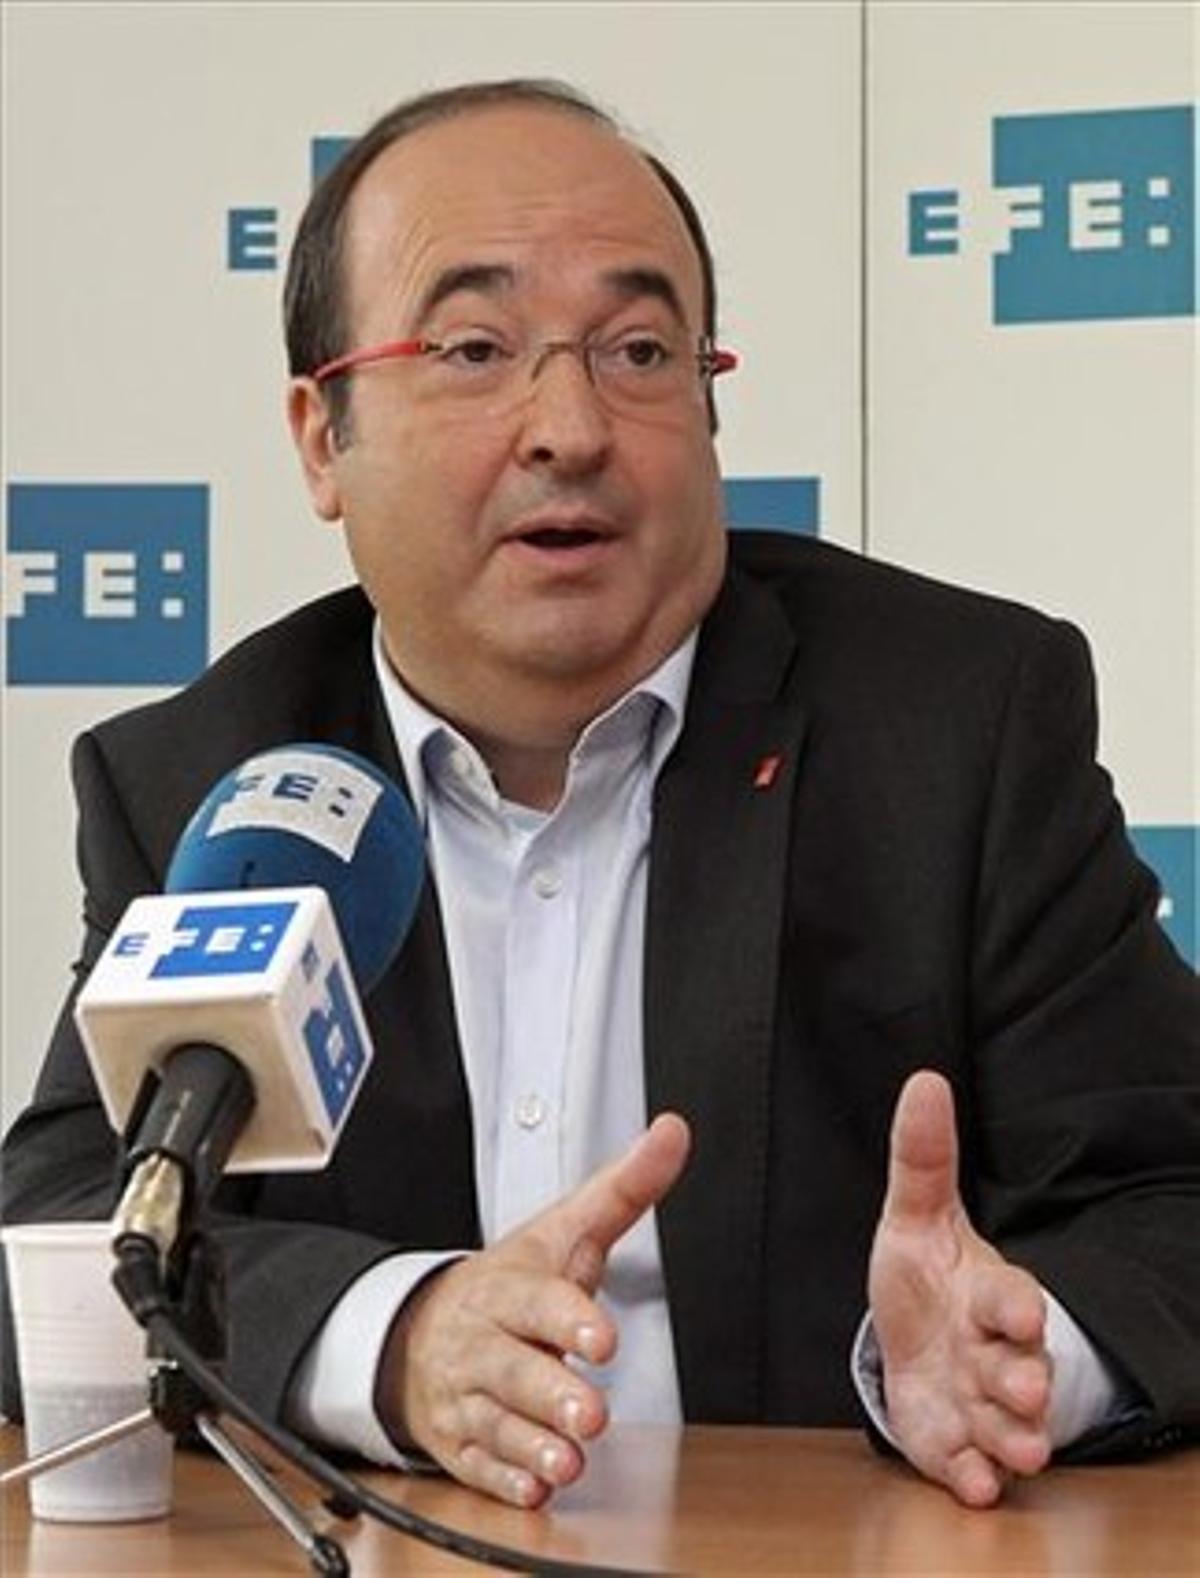 El líder del PSC, Miquel Iceta, durante una entrevista, este sábado.